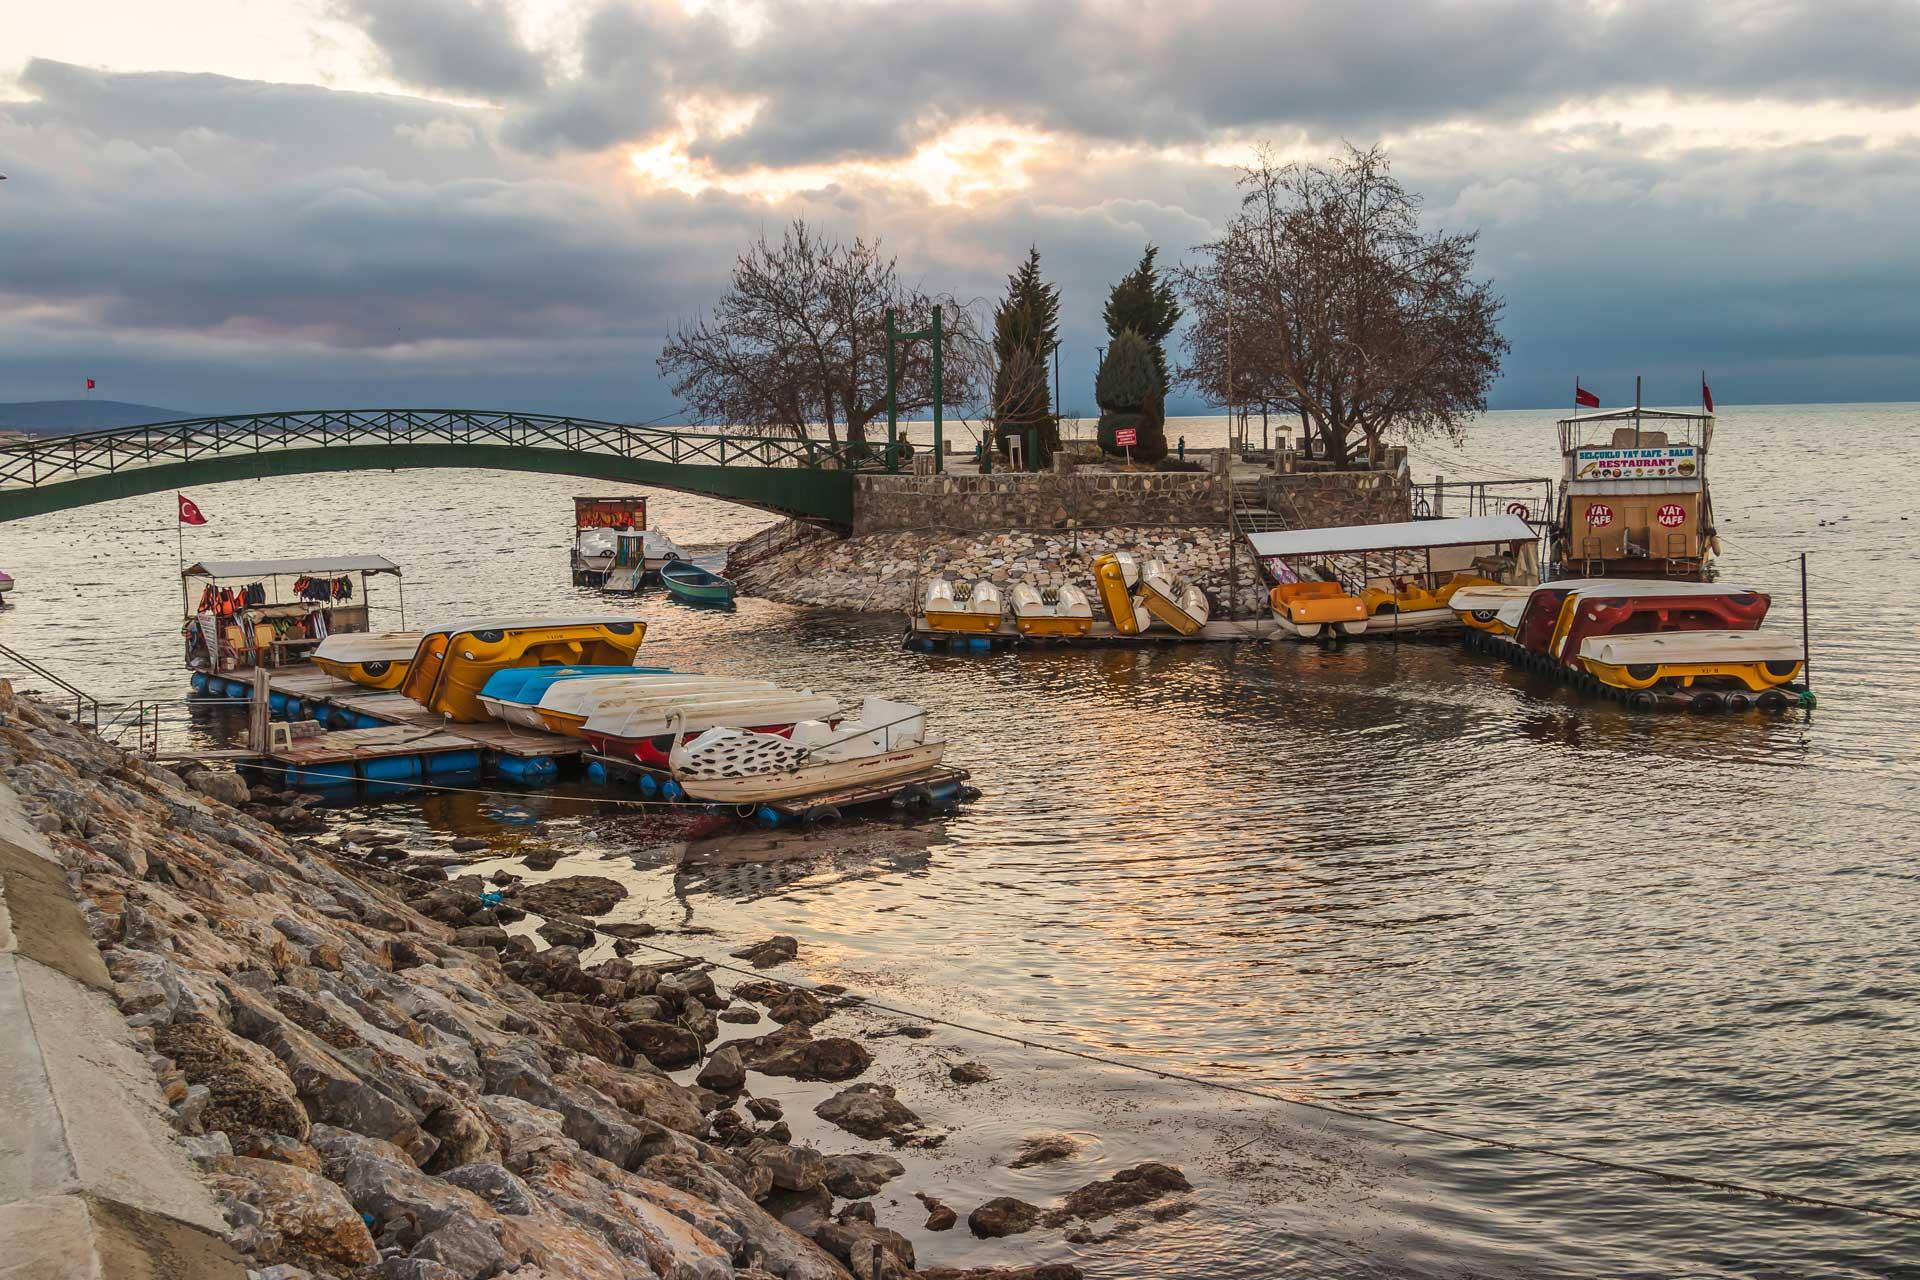 Beyşehir Fotoğrafları Merkez yürüme yolu Çekergezer Hakan Aydın Fotoğrafları